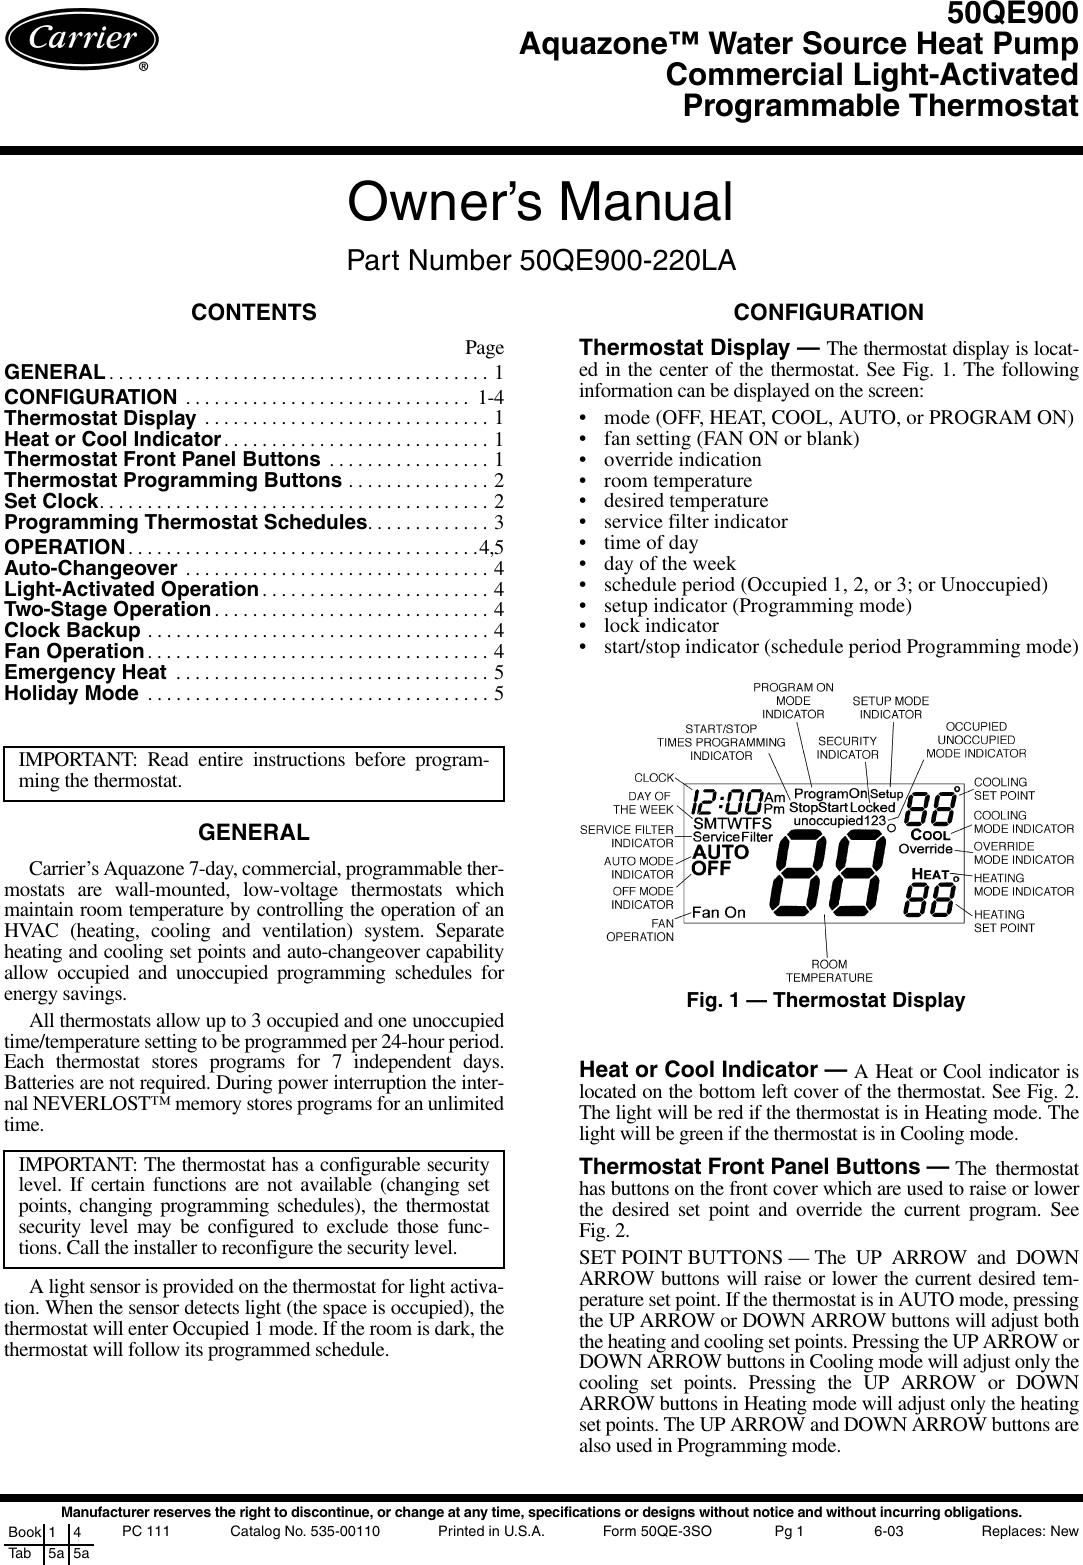 Carrier Aquazone 50Qe900 Users Manual